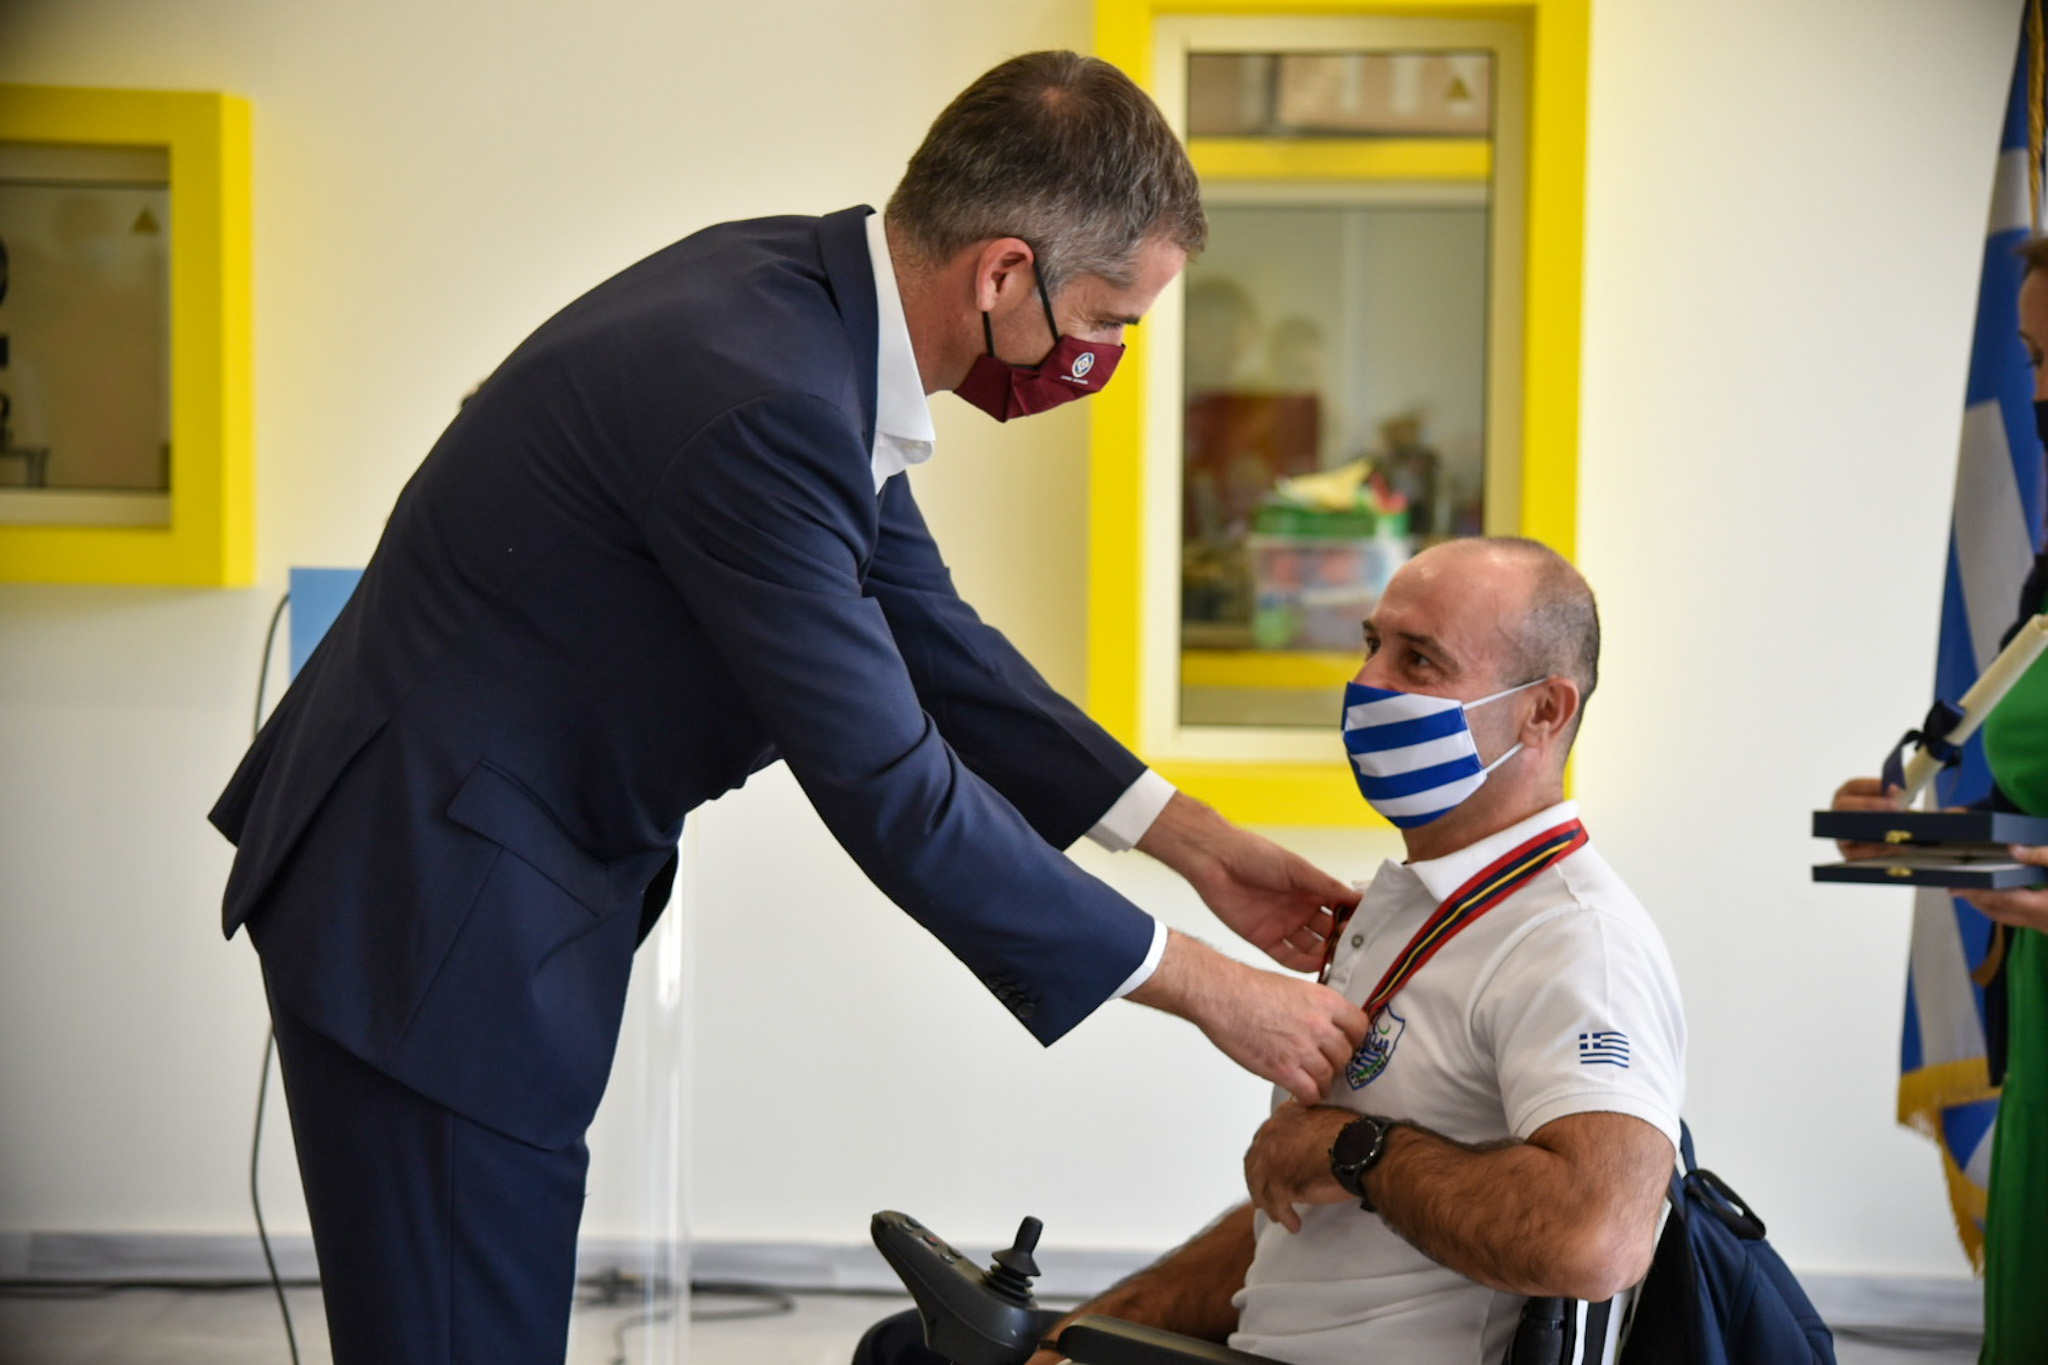 Ο Κώστας Μπακογιάννης τίμησε την Παραολυμπιακή Ομάδα